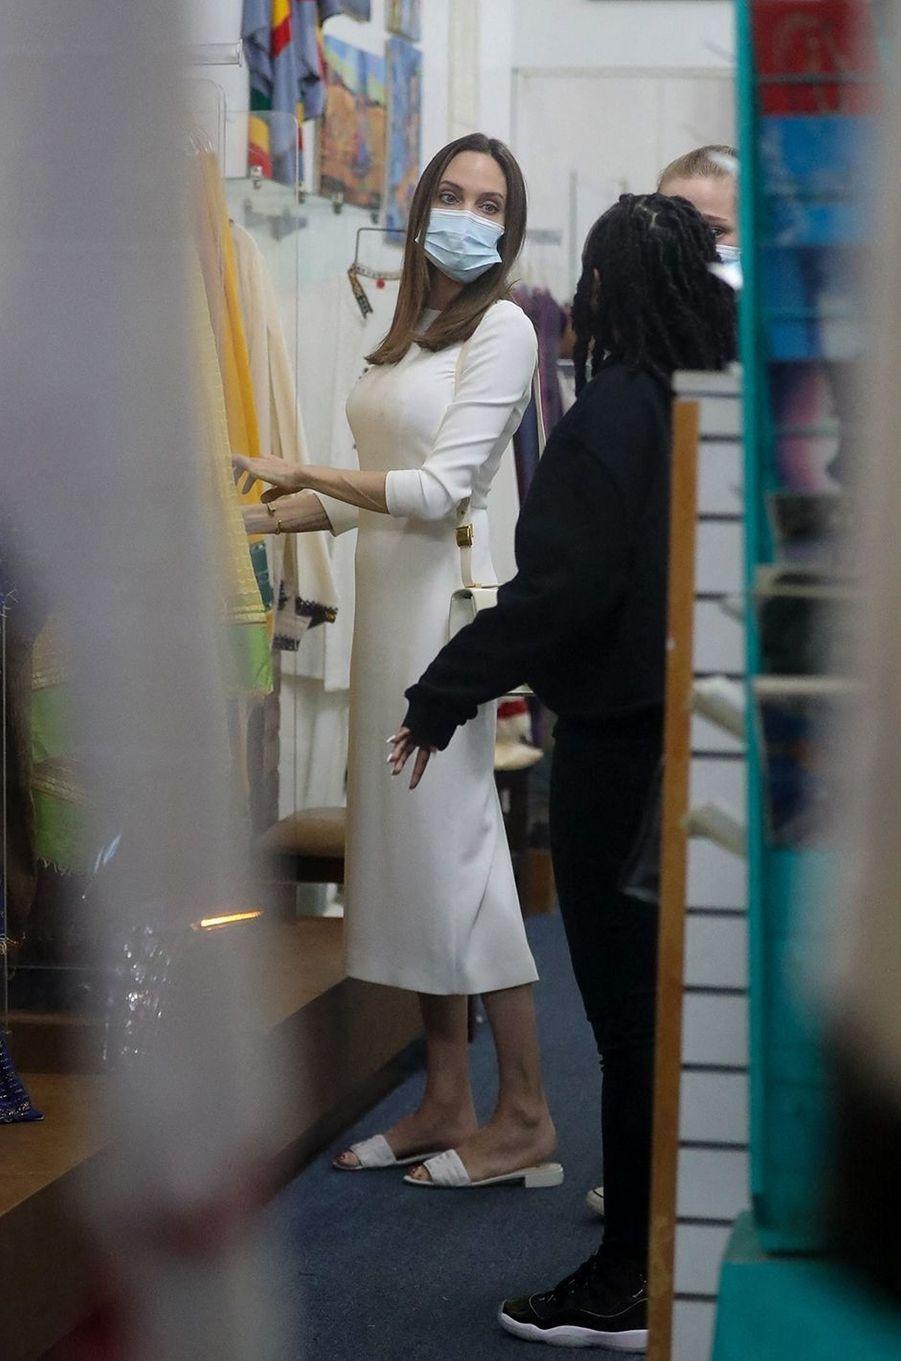 Angelina Jolie en shopping avec ses filles Zahara et Shilohdans une boutique de Los Angeles le 8 janvier 2021